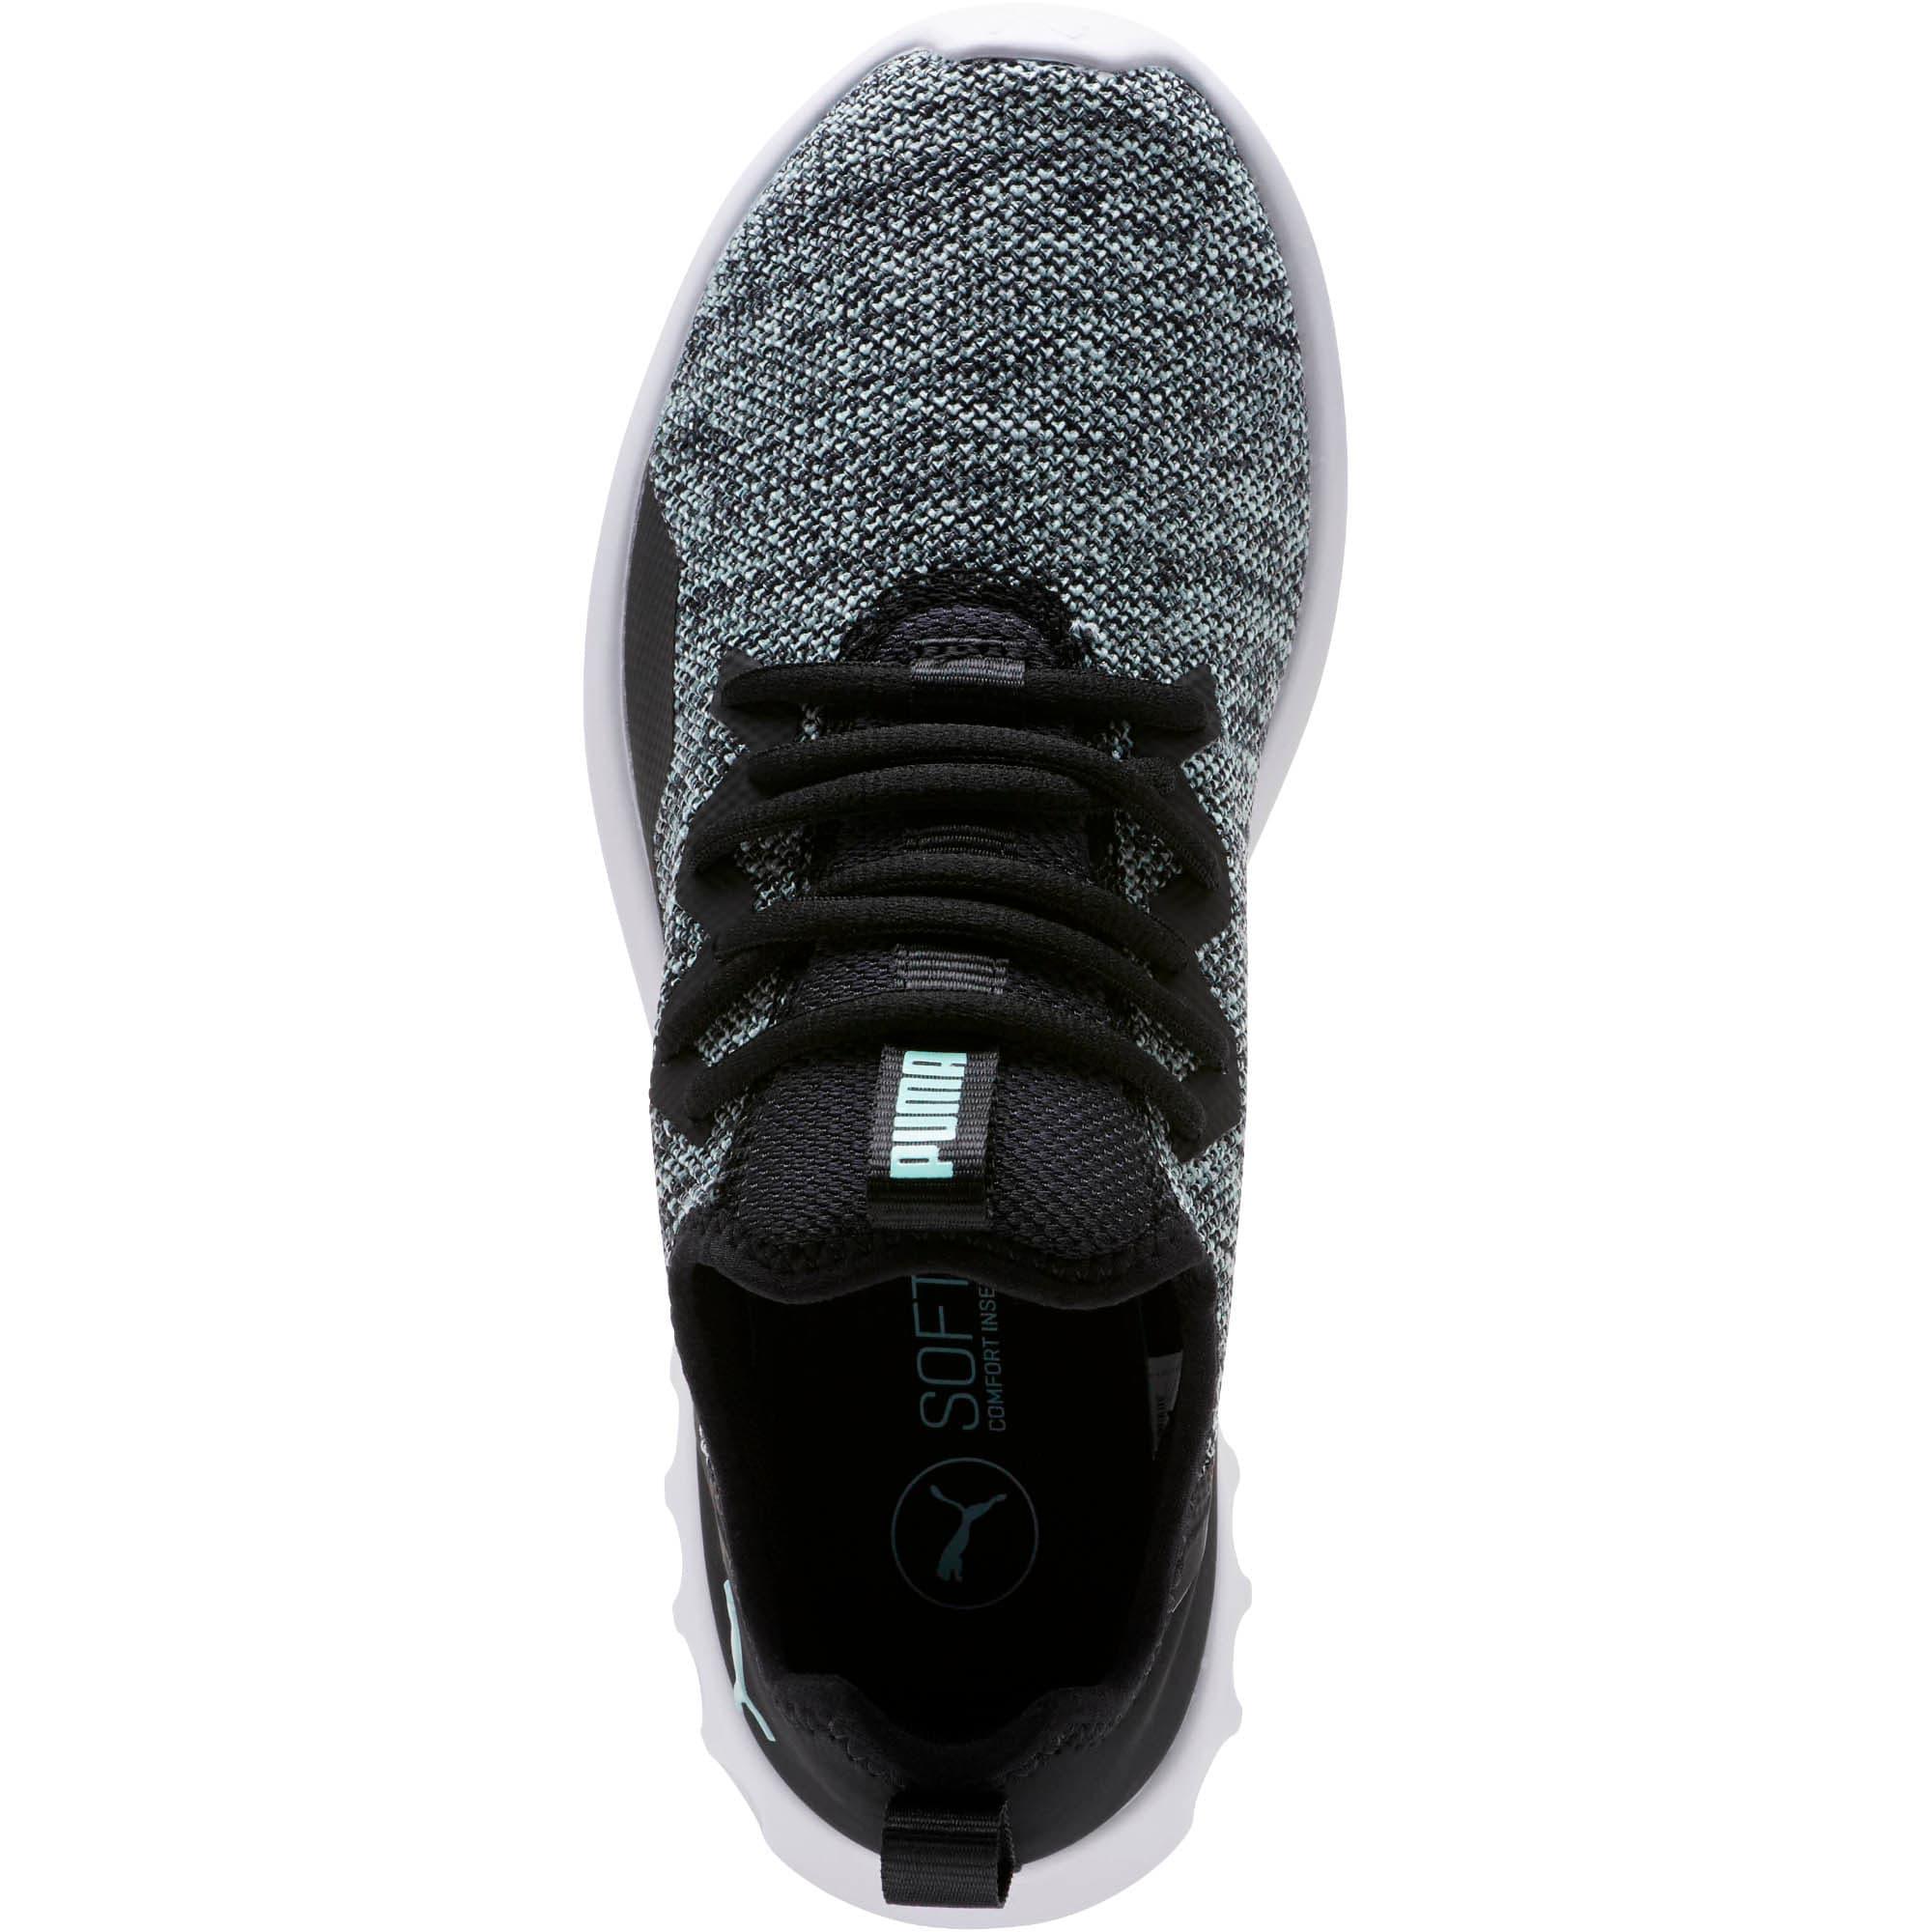 Thumbnail 5 of Carson 2 X Knit Women's Running Shoes, Puma Black-Fair Aqua, medium